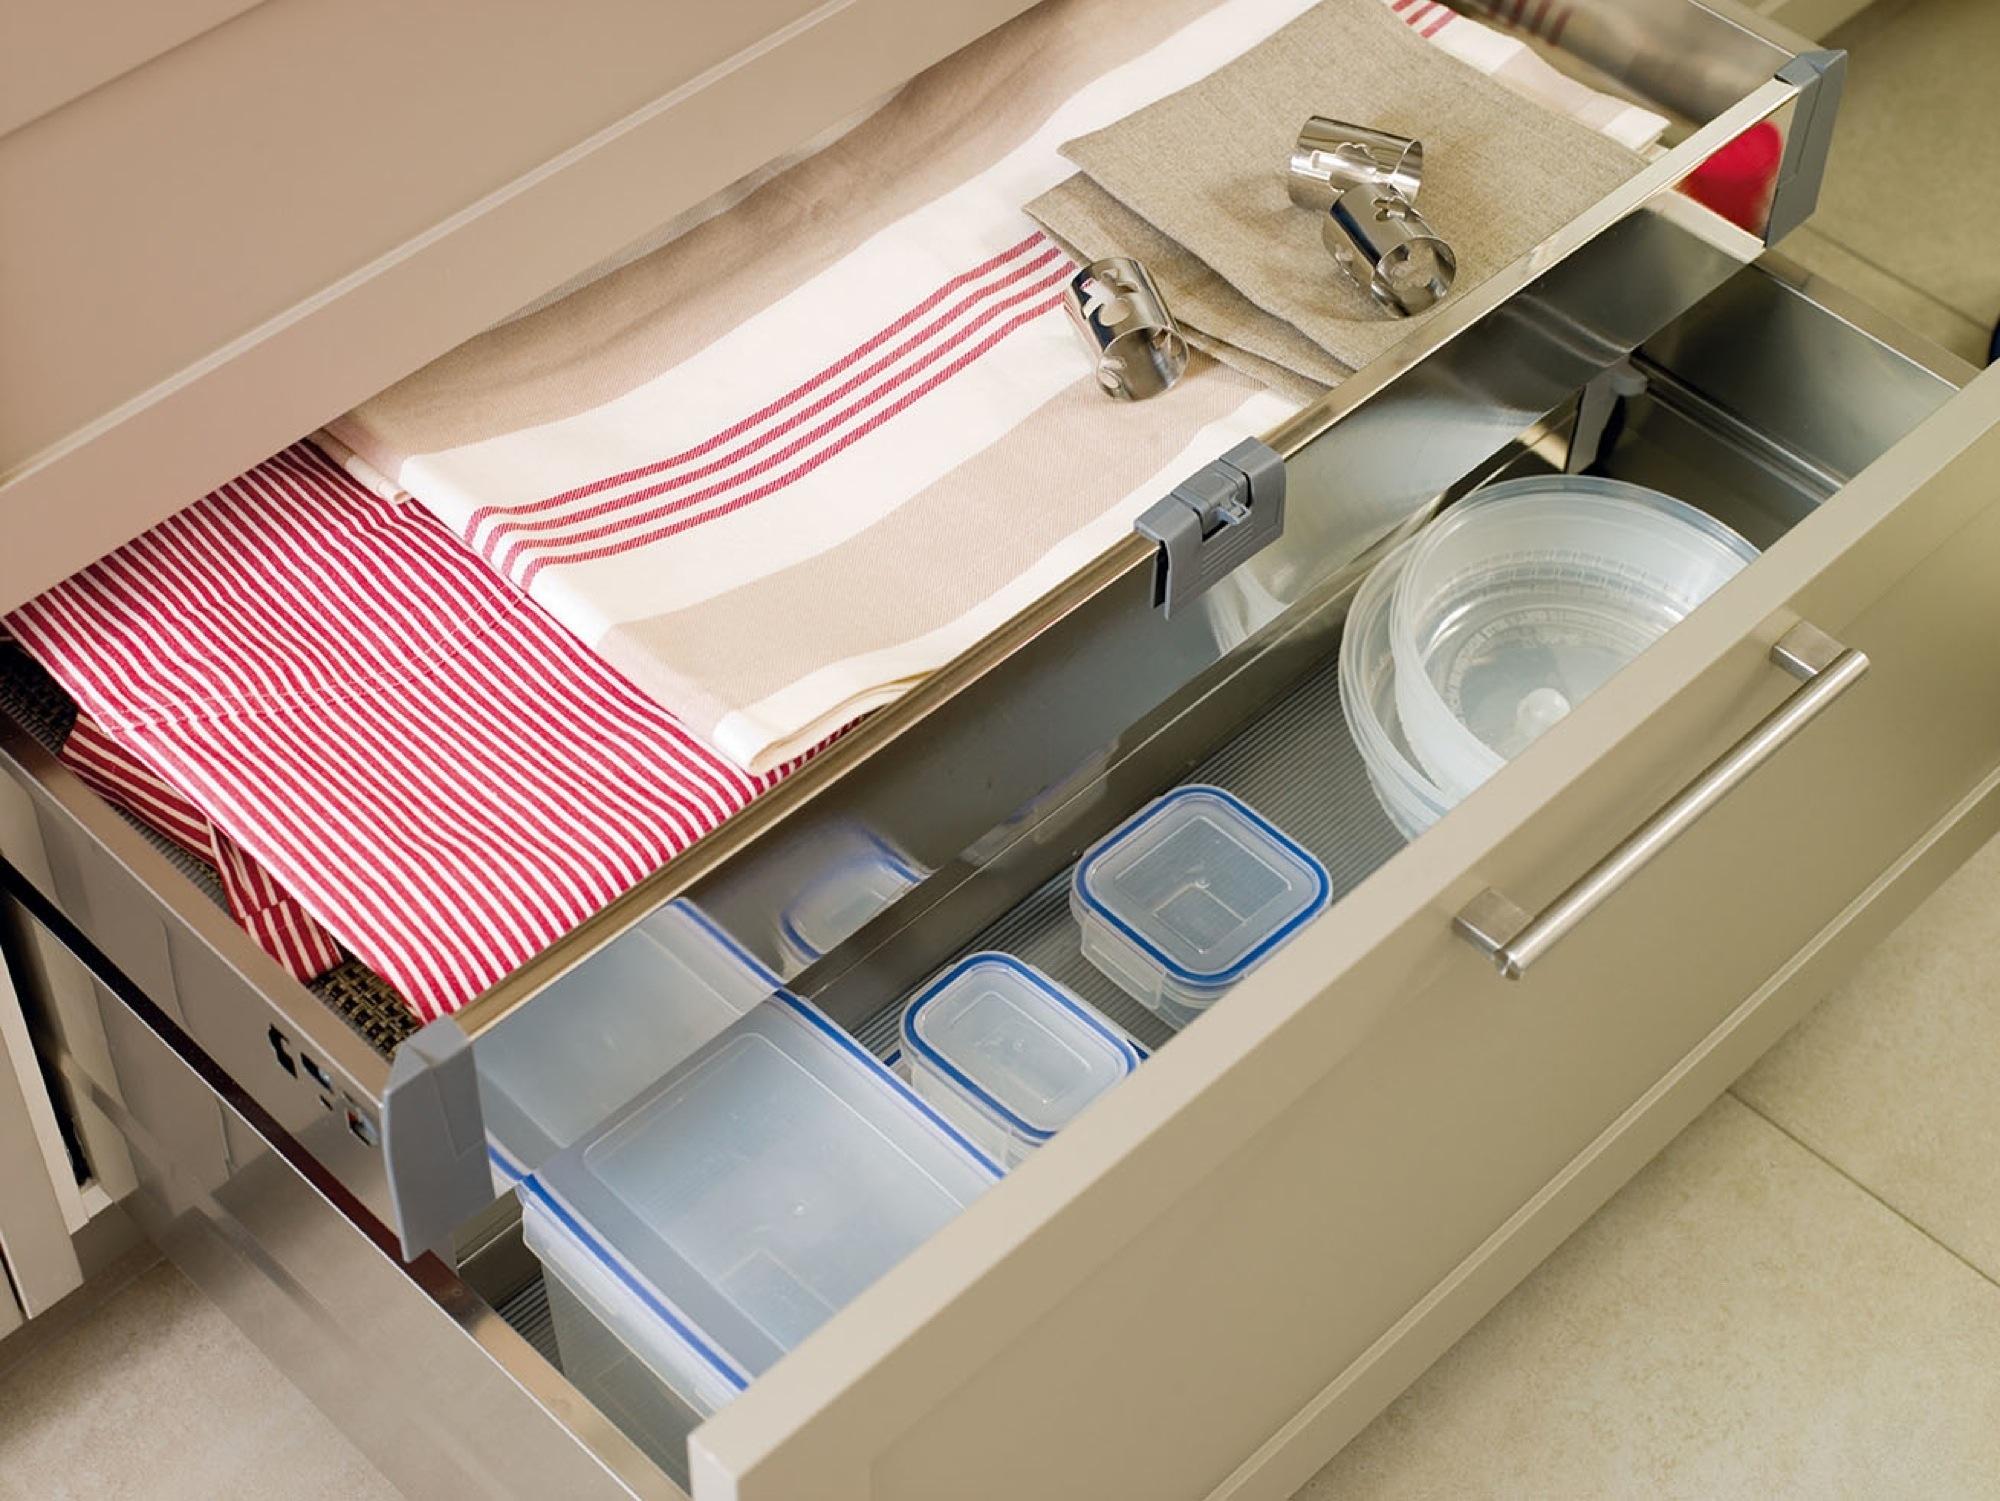 Orden en la cocina consejos y trucos para guardarlo todo - Trapos de cocina ...